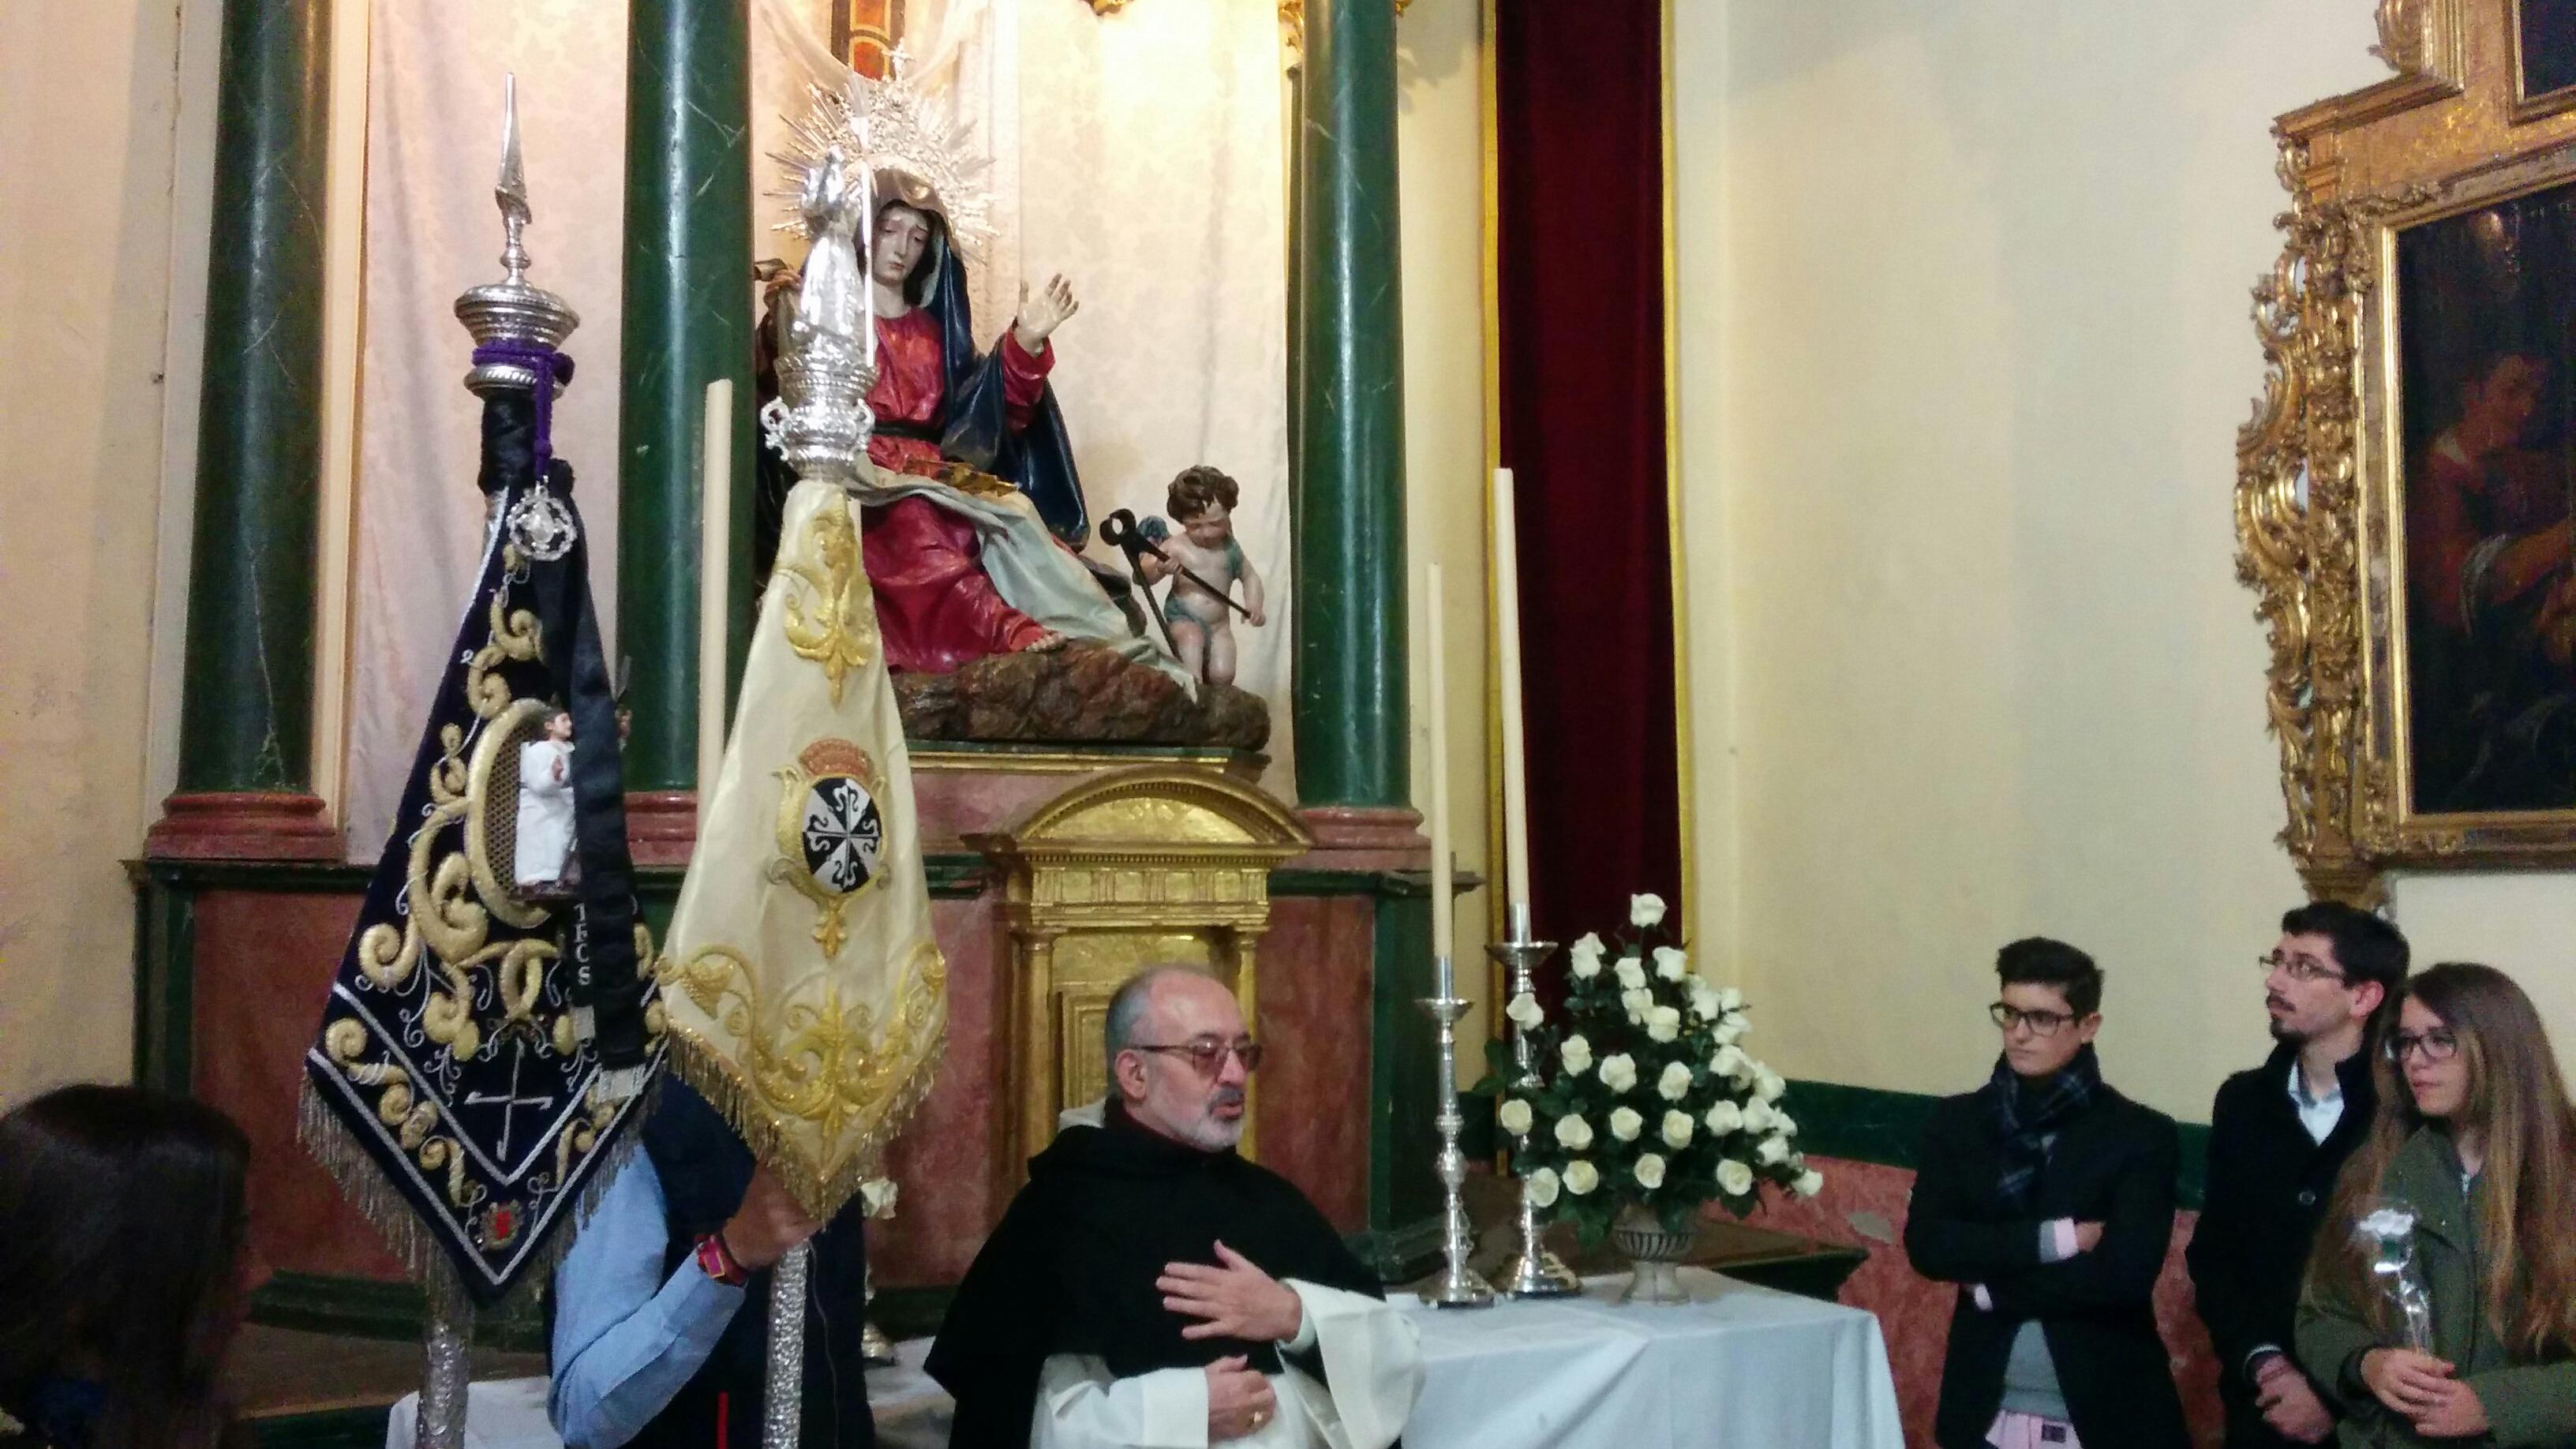 Peregrinación Comendadoras de Santiago